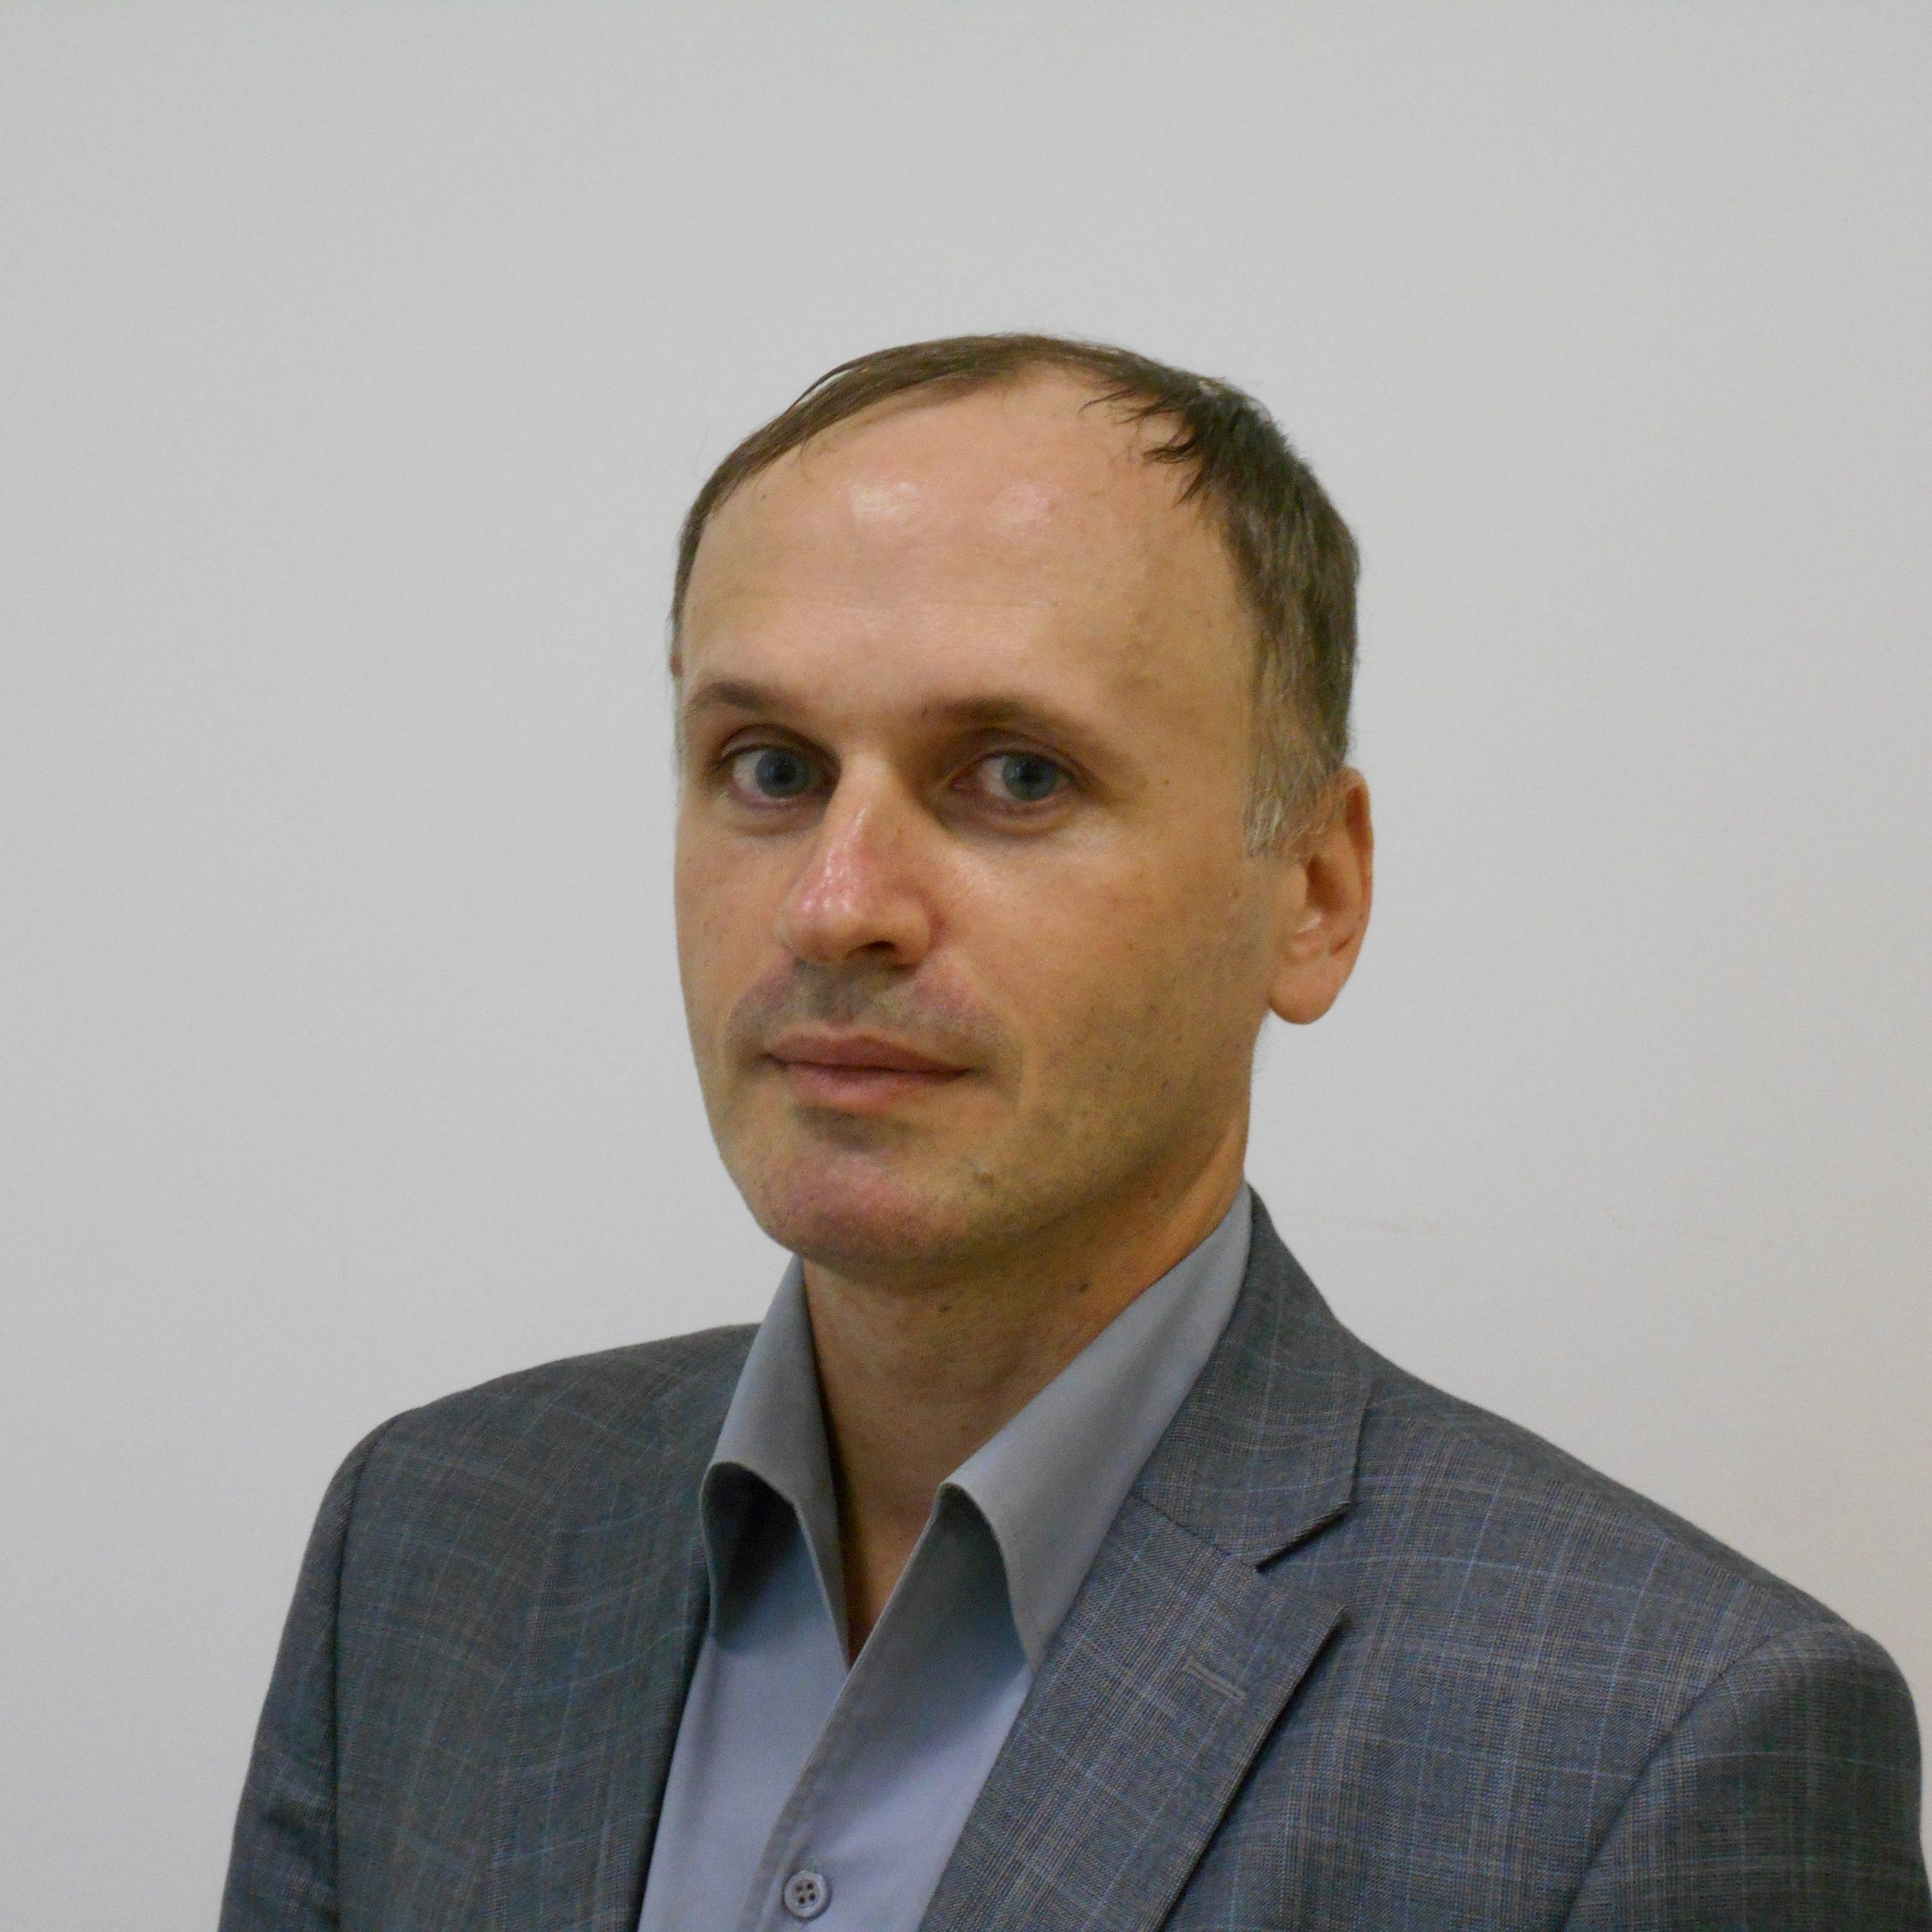 Evgeny Alisov